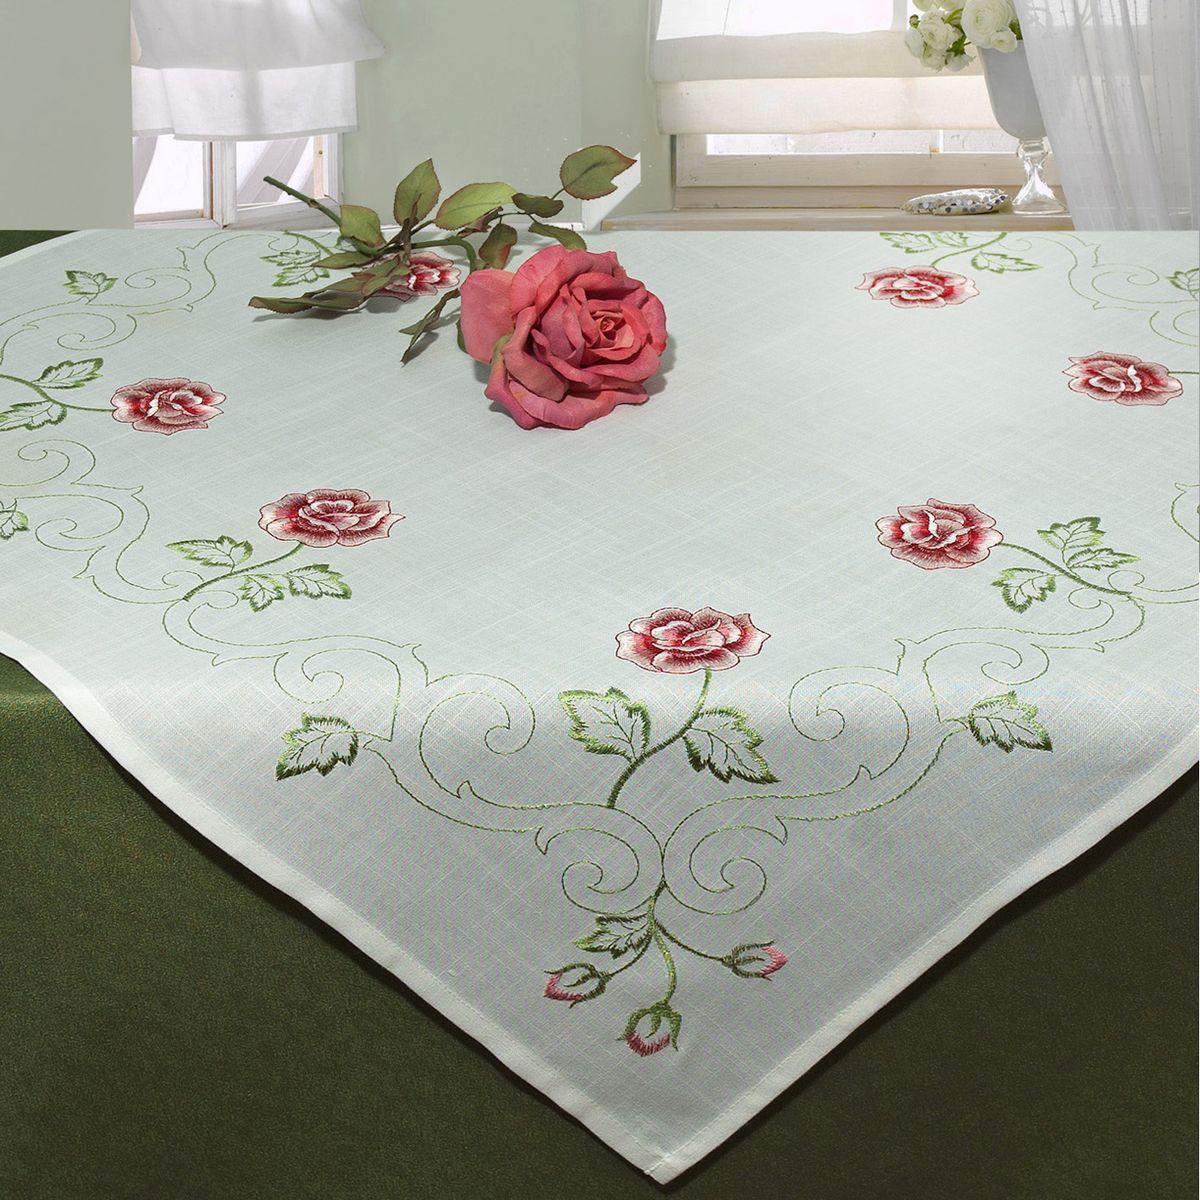 Скатерть Schaefer, квадратная, цвет: белый, 85x 85 см. 07376-100VT-1520(SR)Скатерть Schaefer выполнена из высококачественного полиэстера и оформлена вышитыми розами. Изделия из полиэстера легко стирать: они не мнутся, не садятся и быстро сохнут, они более долговечны, чем изделия из натуральных волокон. Скатерть Schaefer не останется без внимания ваших гостей, а вас будет ежедневно радовать ярким дизайном и несравненным качеством.Немецкая компания Schaefer создана в 1921 году. На протяжении всего времени существования она создает уникальные коллекции домашнего текстиля для гостиных, спален, кухонь и ванных комнат. Дизайнерские идеи немецких художников компании Schaefer воплощаются в текстильных изделиях, которые сделают ваш дом красивее и уютнее и не останутся незамеченными вашими гостями. Дарите себе и близким красоту каждый день! Изысканный текстиль от немецкой компании Schaefer - это красота, стиль и уют в вашем доме.